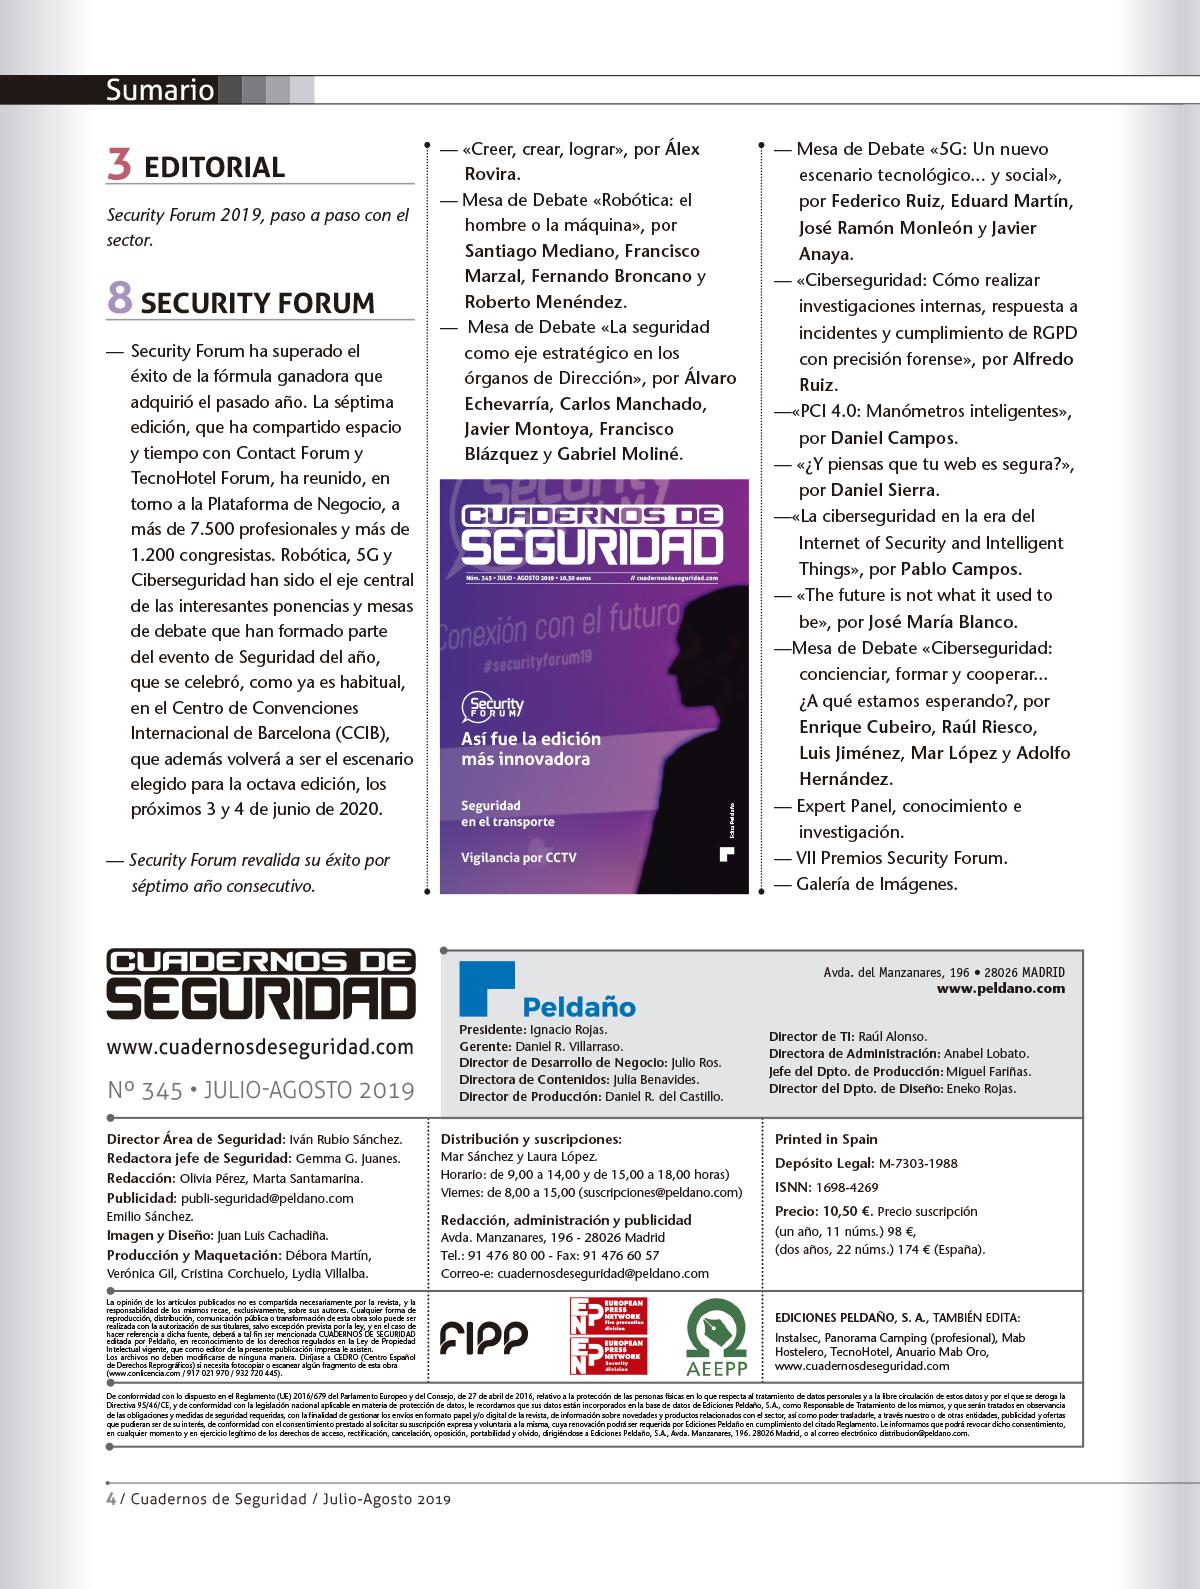 Cuadernos de Seguridad Nº 345